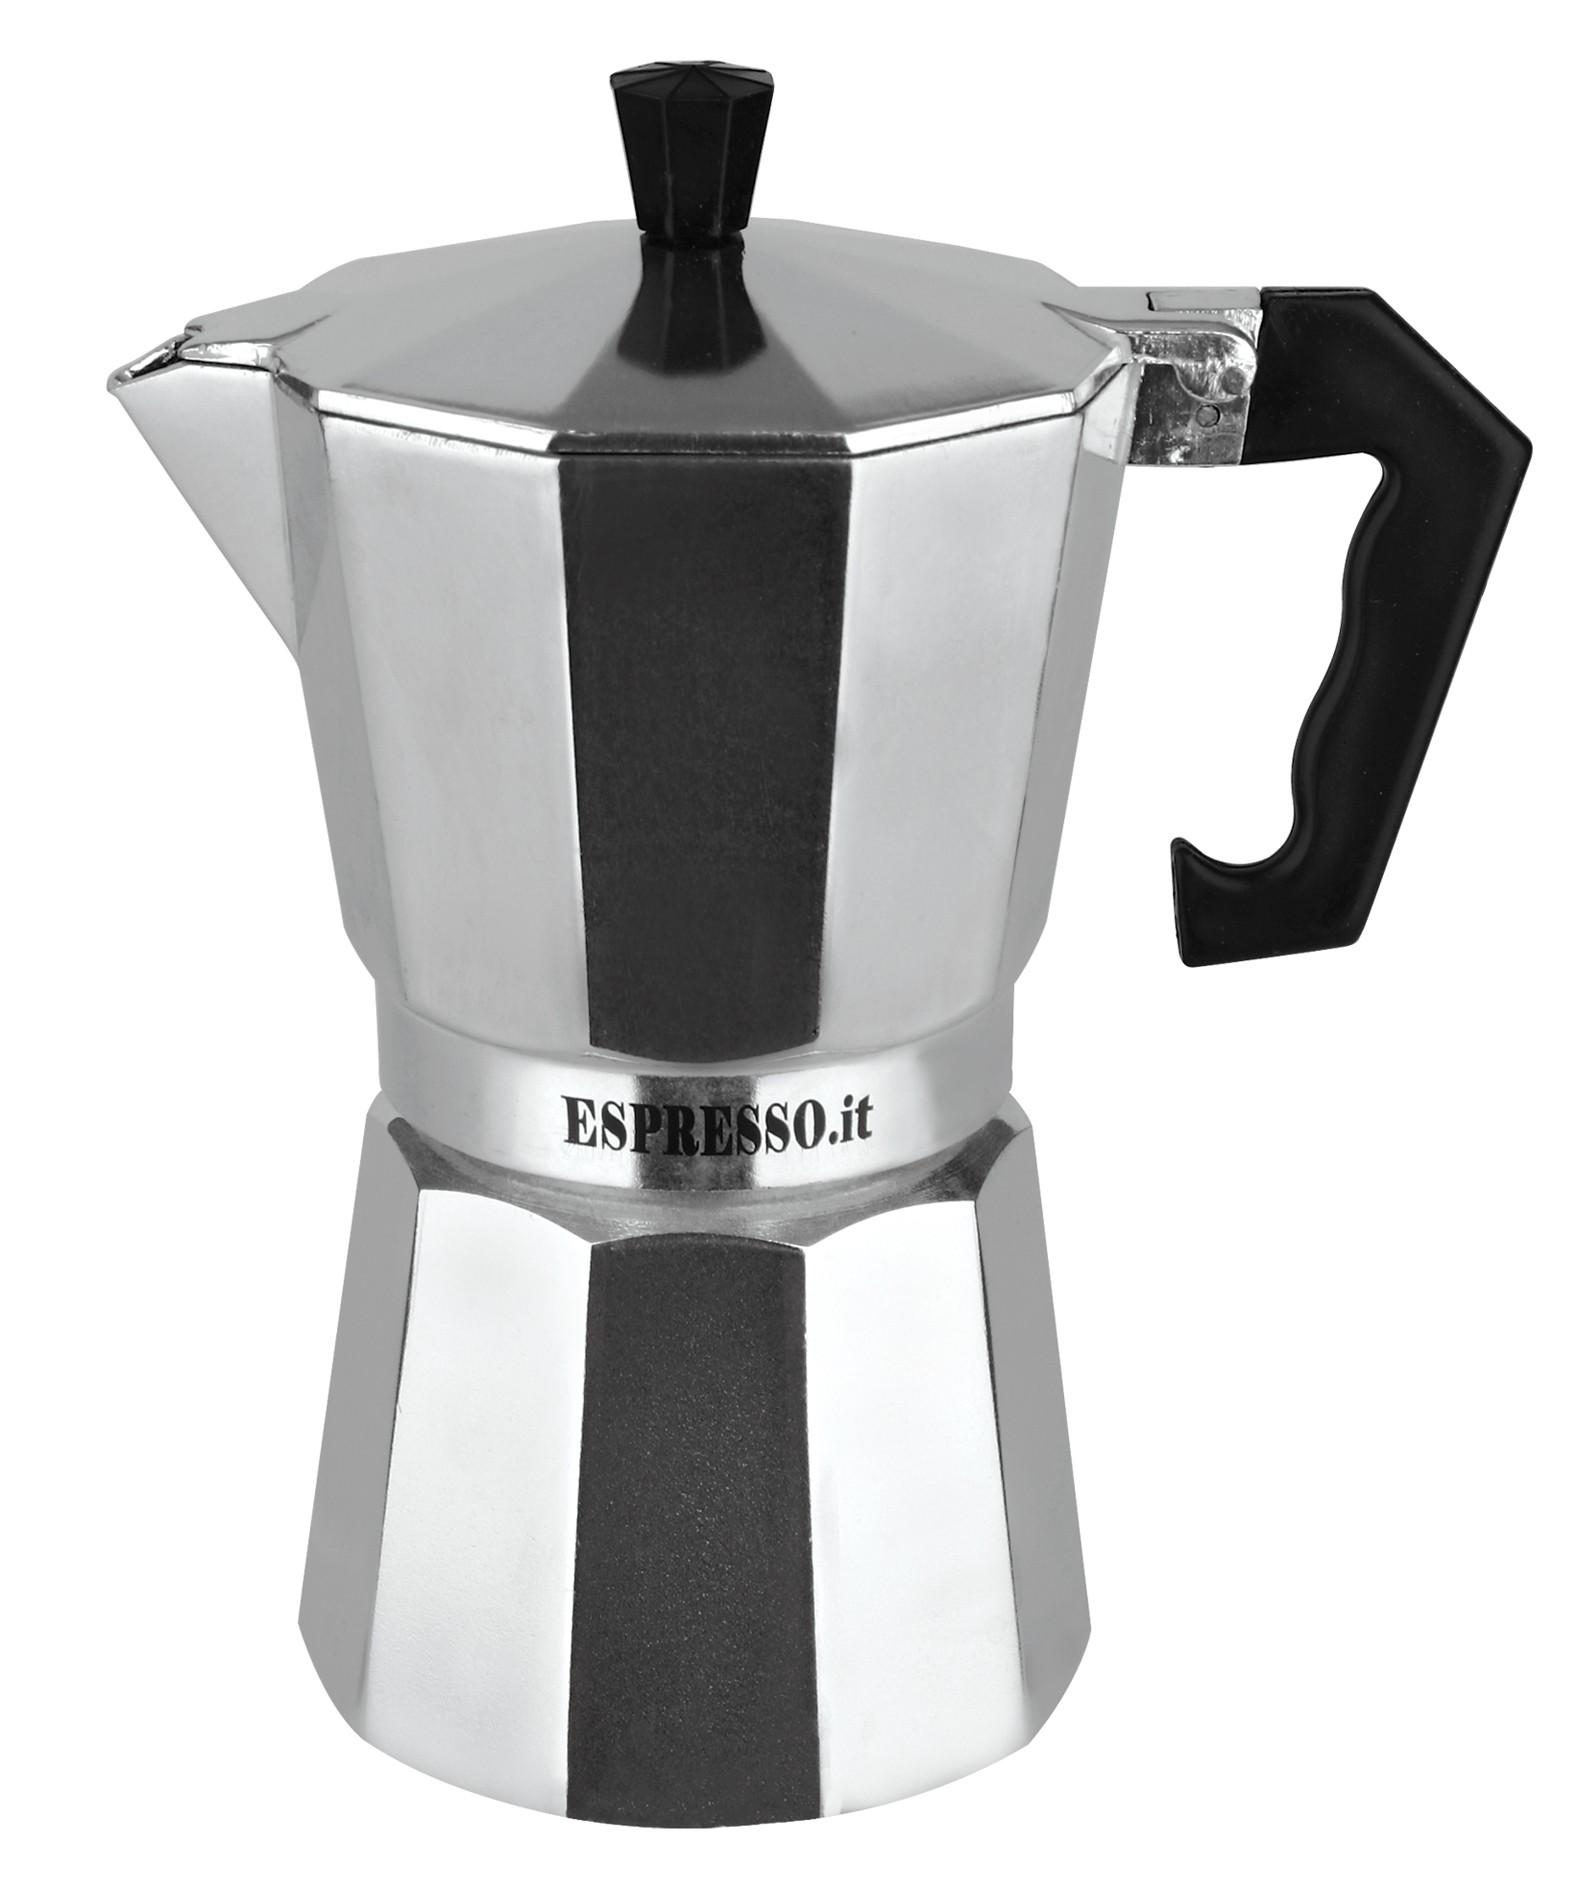 καφετιέρα για espresso penita 3 φλυτζάνια home   ειδη cafe τσαϊ   espresso machines